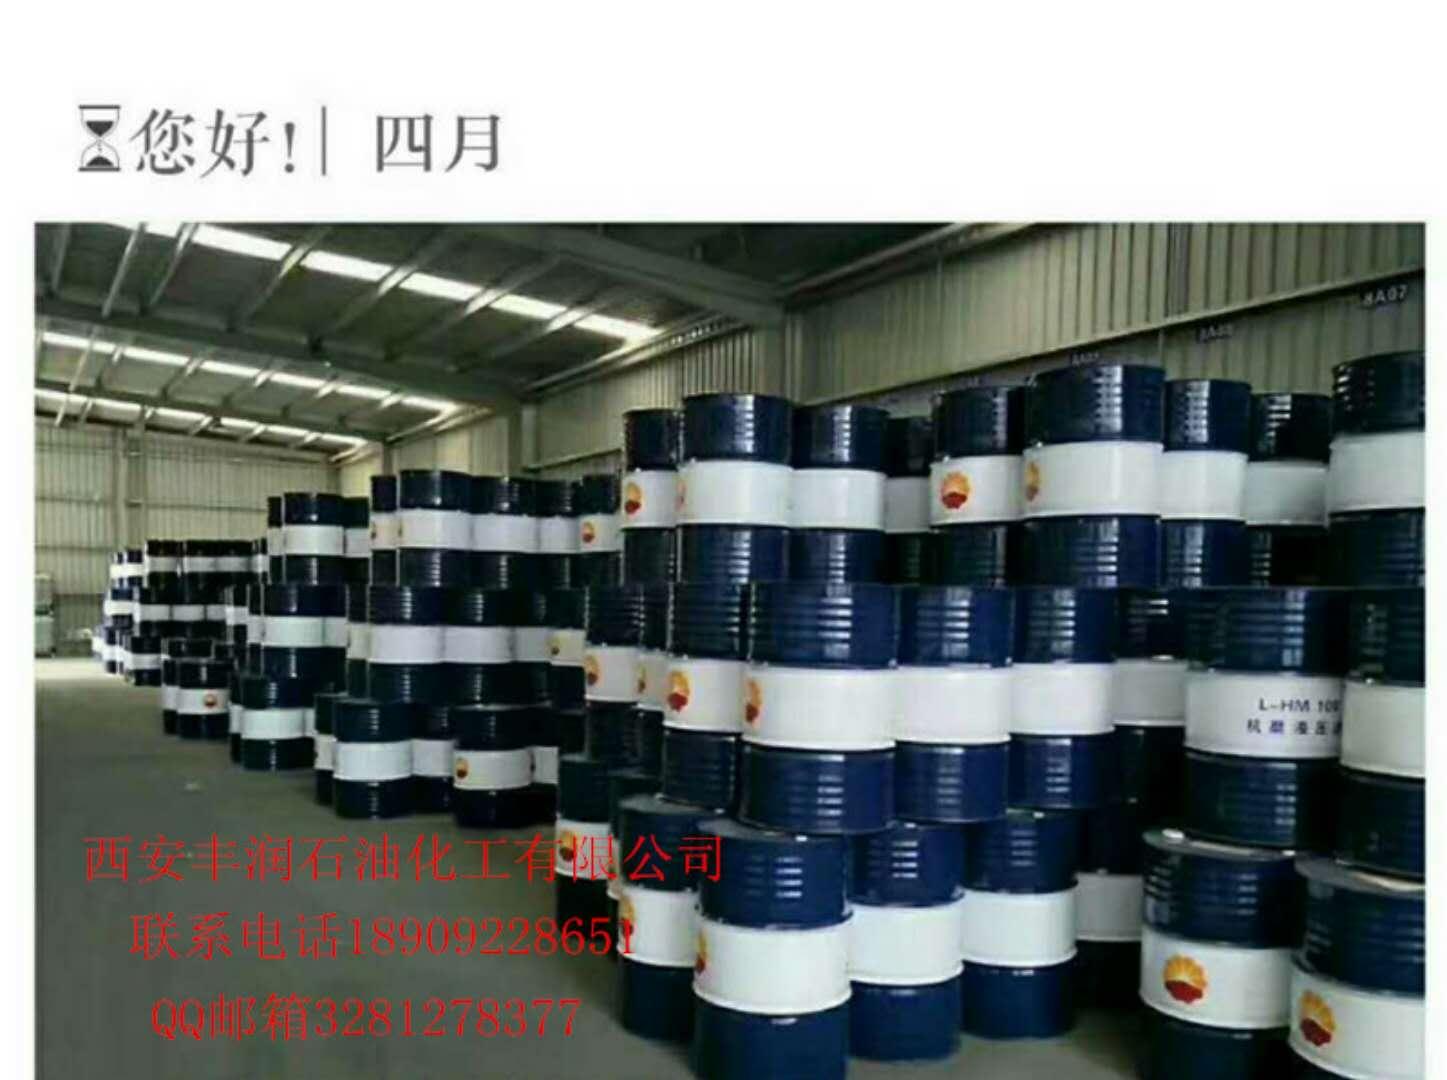 陕西航空煤油经销-高质量的航空煤油陕西哪里有供应